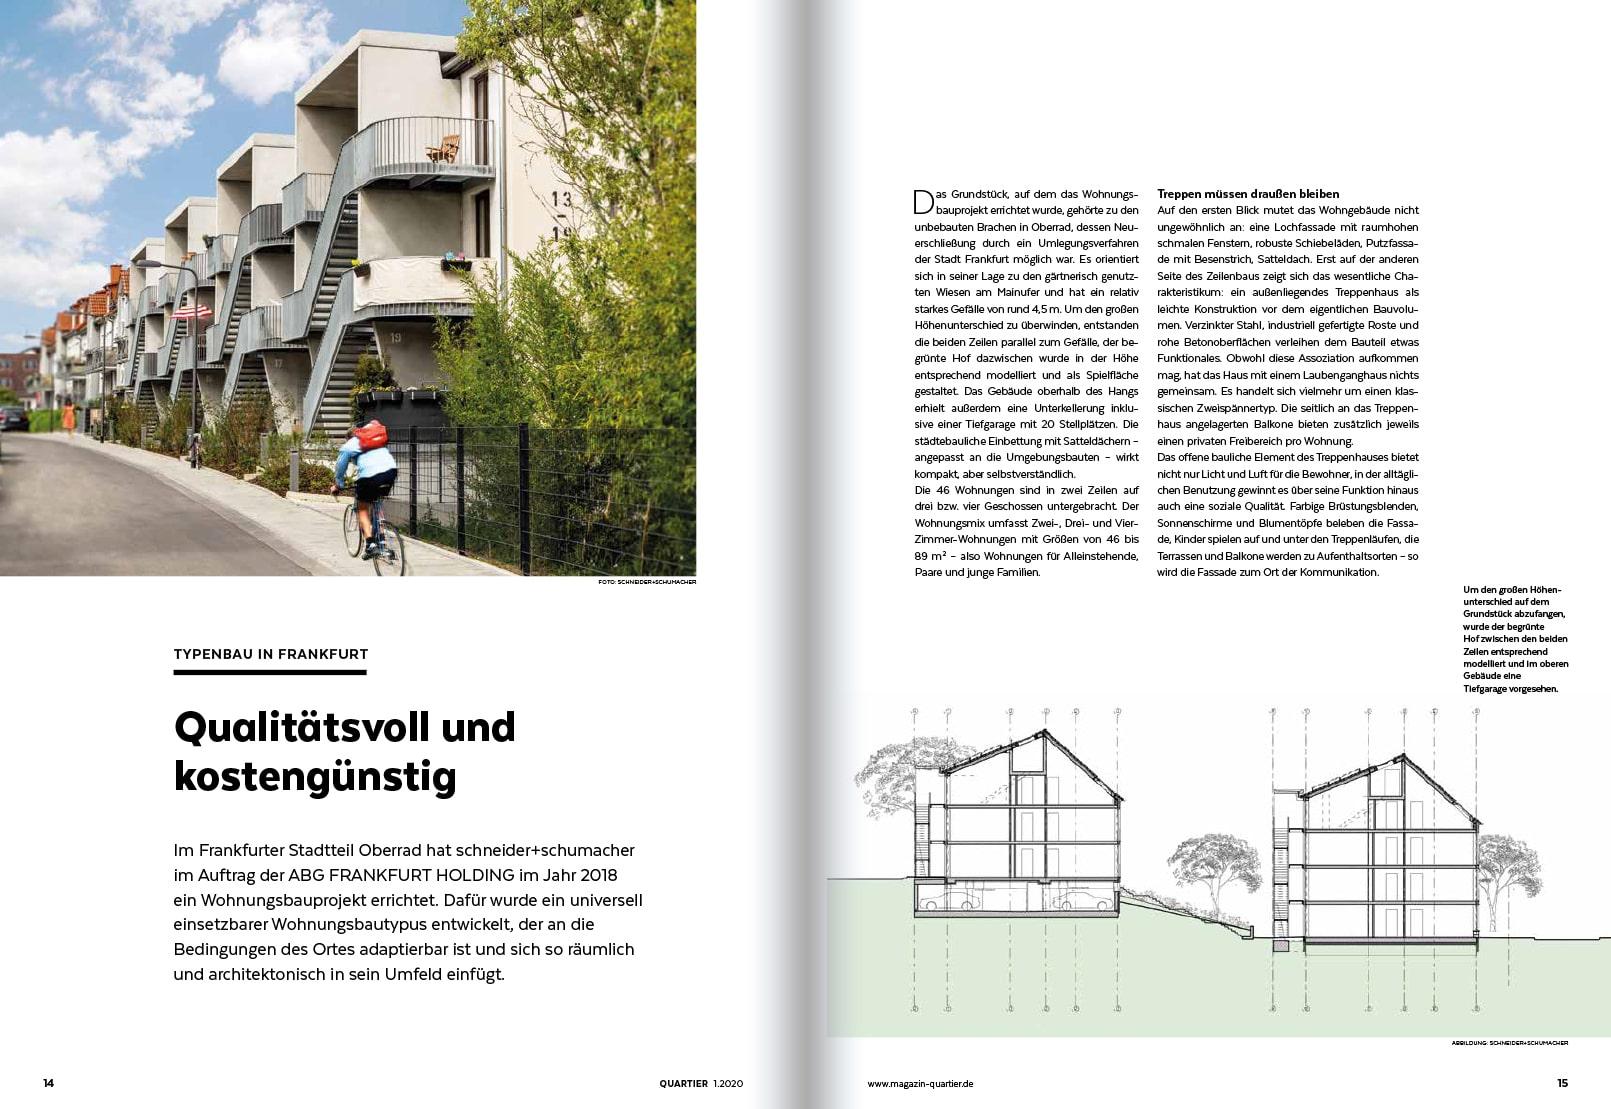 2020-04 Typenbau Frankfurt 1